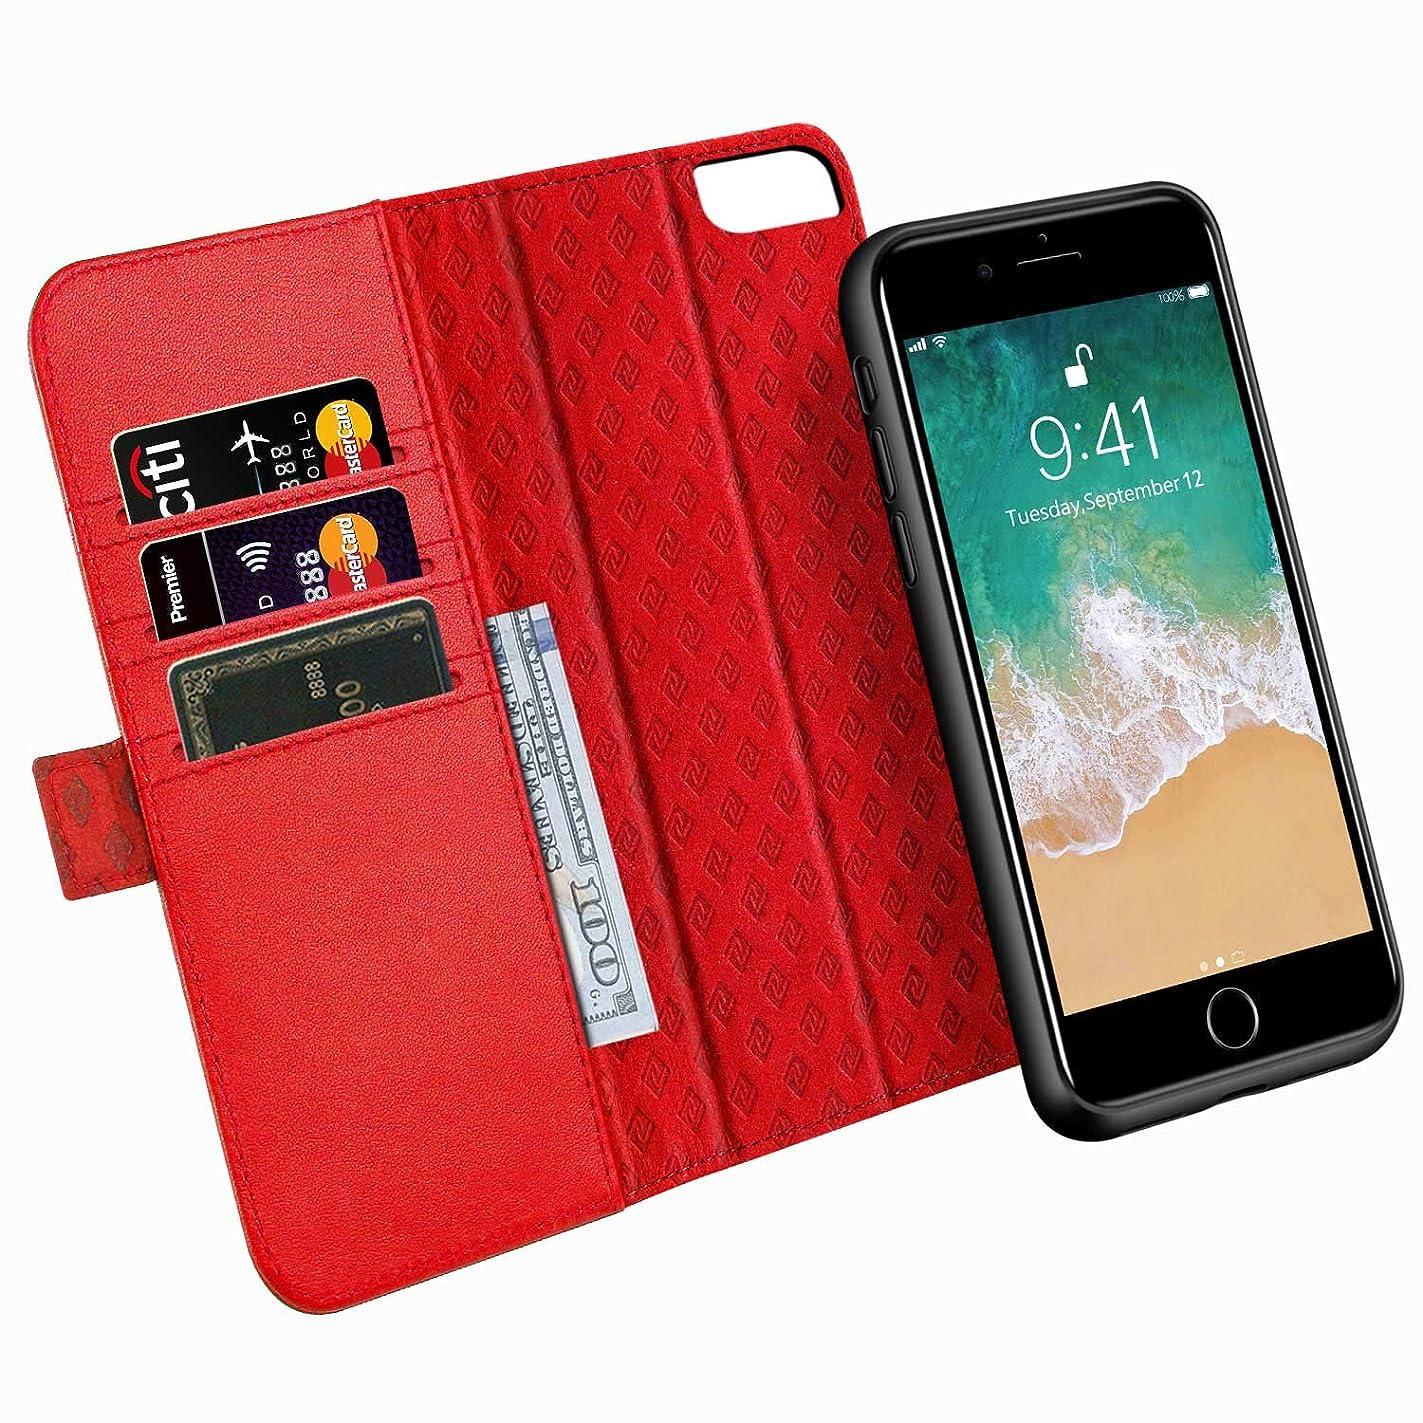 アーサーマーチャンダイジングりんごiPhone8 plus / 7 plus / 6 plus / 6s plus ケース 手帳型 分離型 本革 RFIDブロッキング サイドマグネット式 取り外し カバー 全面保護 スタンド機能 カード収納 耐汚れ 耐衝撃 財布型 ギフトボックス 5.5インチ 兼用(レッド)Red